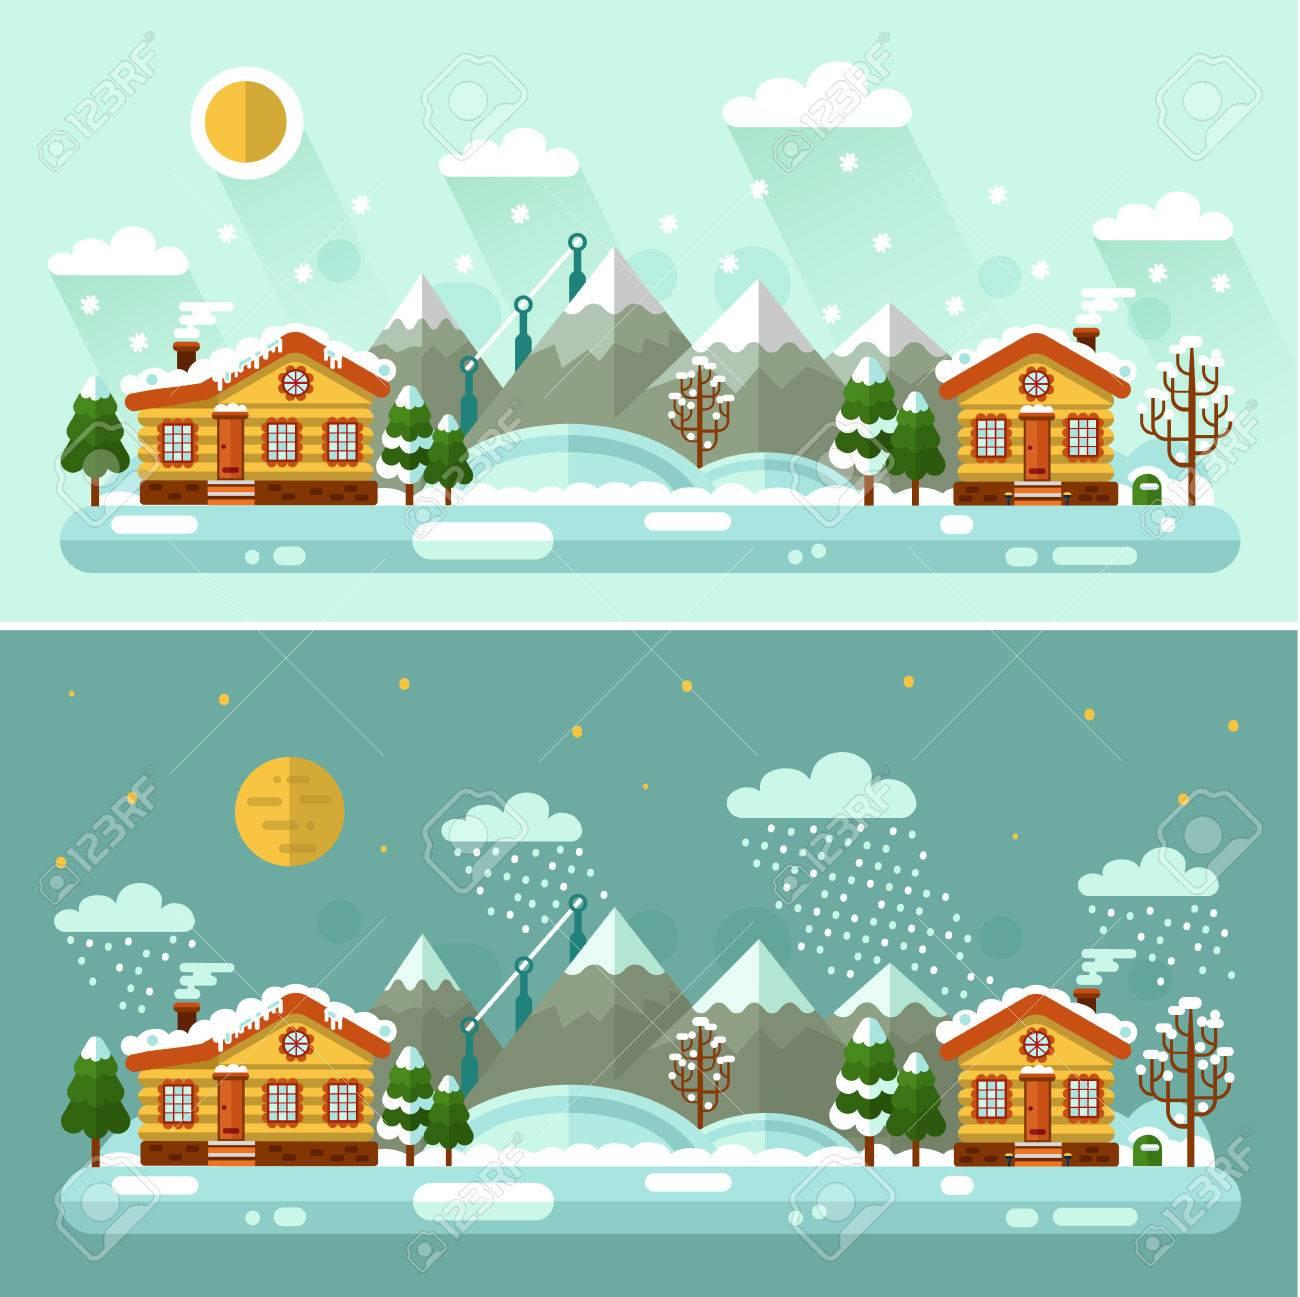 Día del vector del diseño de espacios de la naturaleza Noche paisajes de invierno ilustración con el pueblo, sol, montañas, luna, estrellas, pájaros, nubes, montaña, nieve, nevadas, la nieve acumulada, carámbanos. concepto de buenas fiestas. Foto de archivo - 69008712